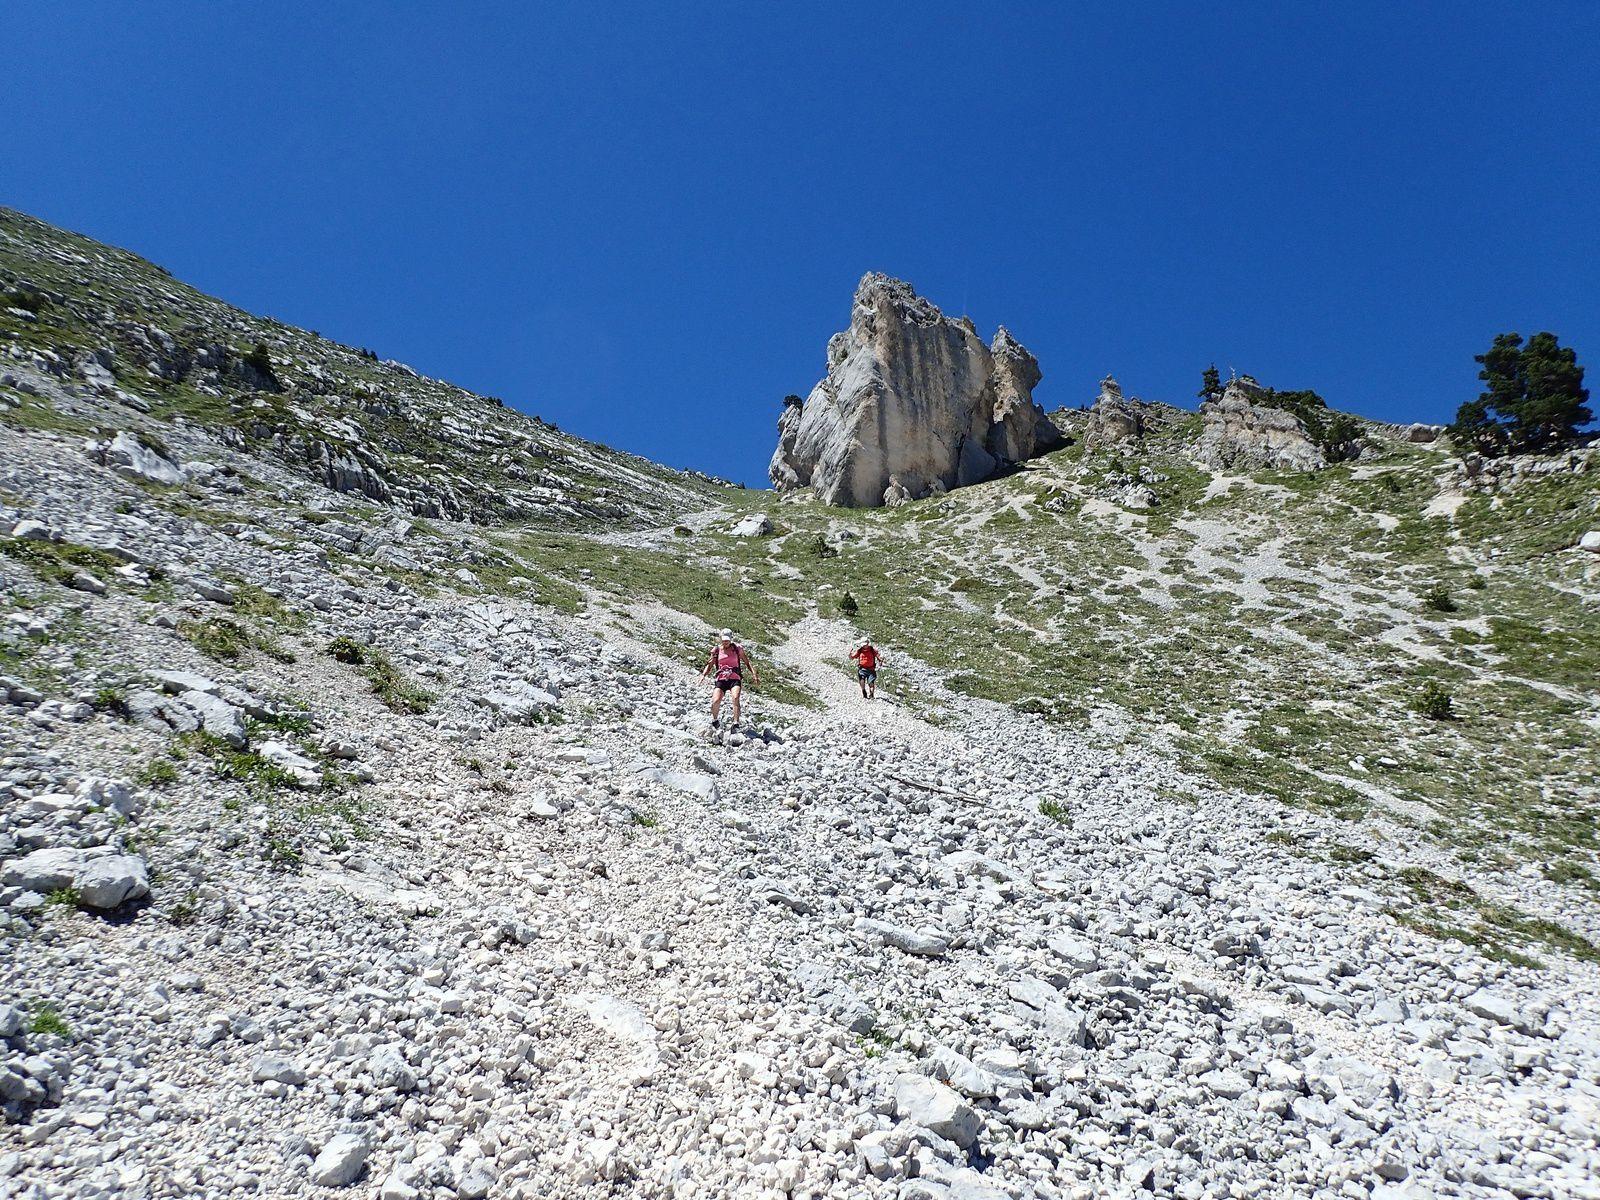 Dôme de Bellefond: Arête nord + Lance sud de Malissard 2/2